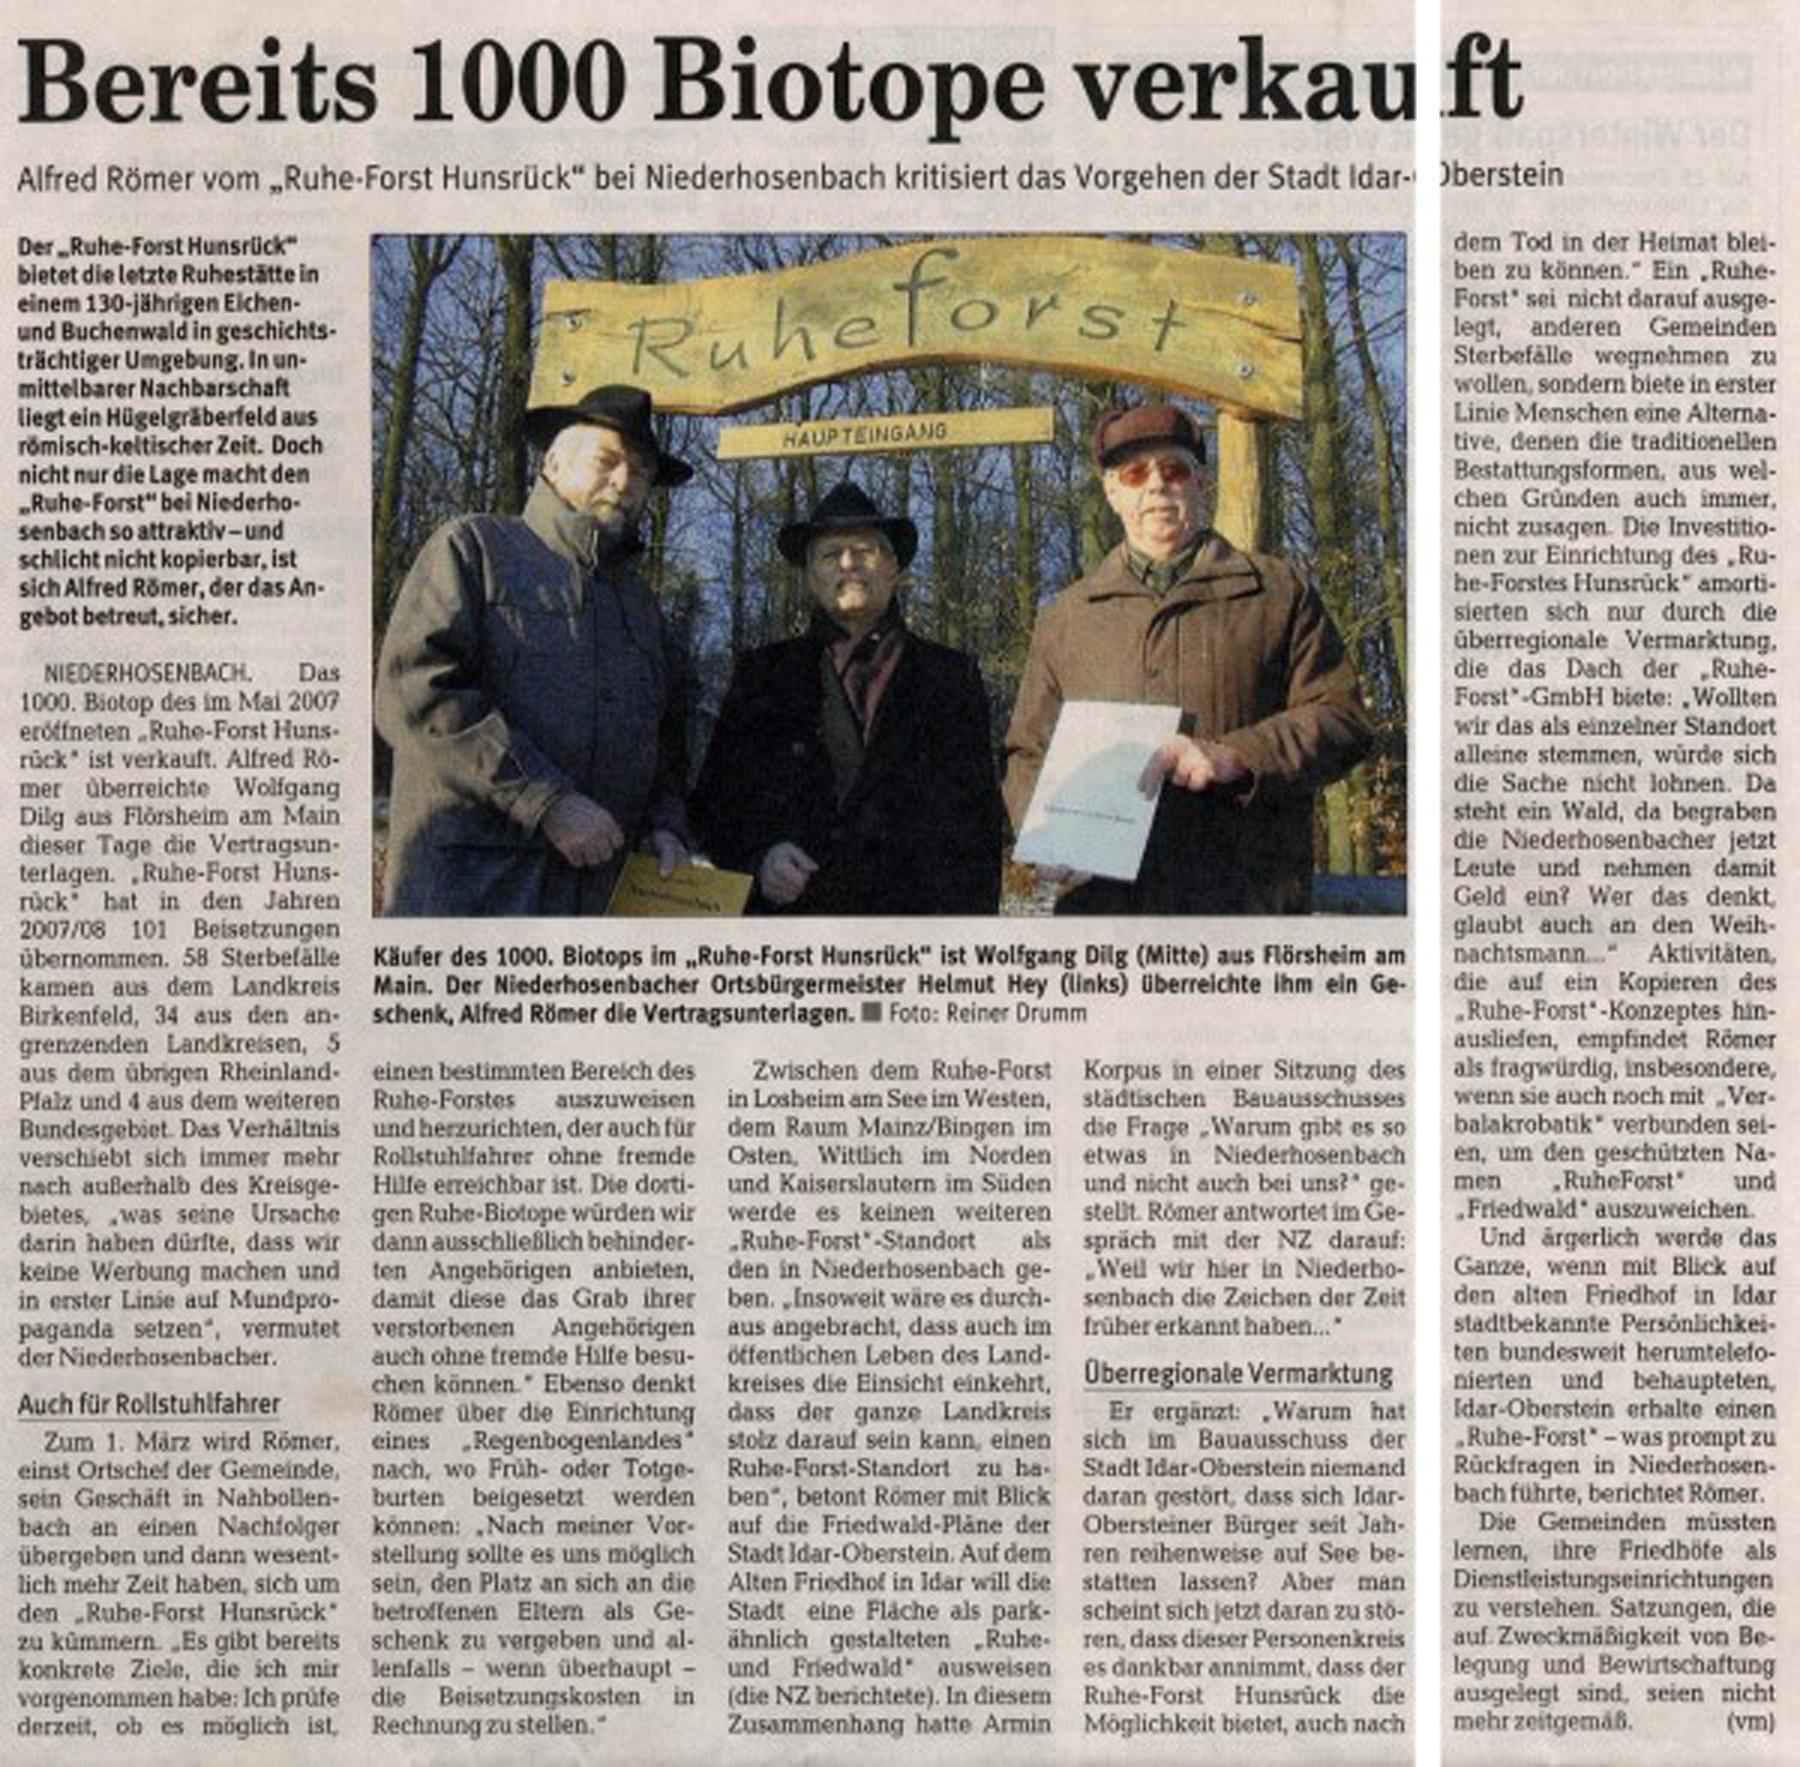 2009.01.29. Nahe-Zeitung 3 - Kopie